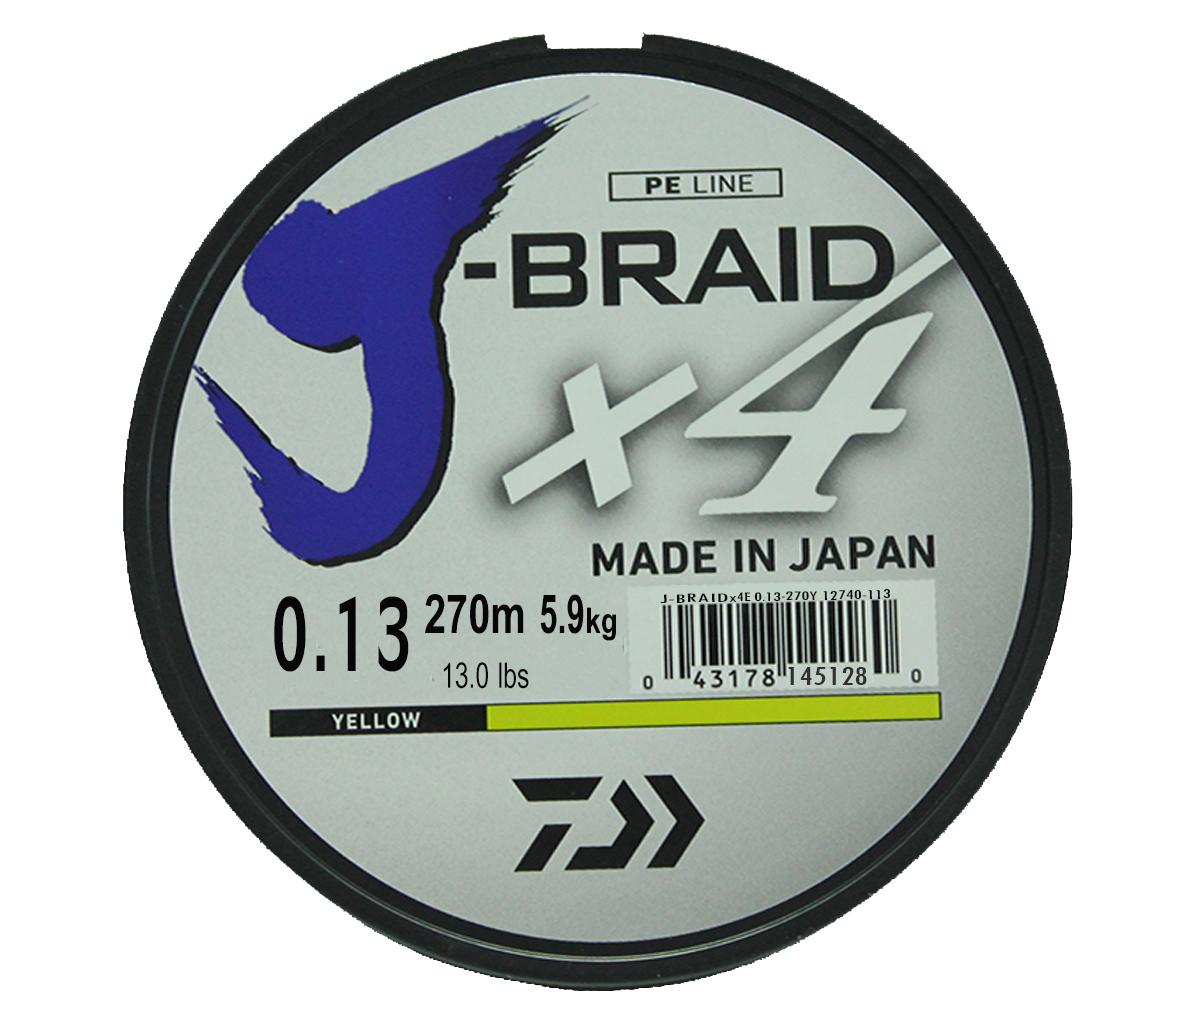 Шнур плетеный Daiwa J-Braid X4, цвет: флуоресцентный желтый, 270 м, 0,13 мм61147Новый 4х жильный шнур J-Braid, DAIWA - шнур высокого класса с удивительным соотношением цены и качества. Качество плетения полностьюсоответствует японским стандартам и удовлетворяет всем требованиям. Представленные диаметры позволяют использовать шнур для всех техникловли, начиная от ultra- light ловли окуня, до морской ловли палтуса, трески и т.д